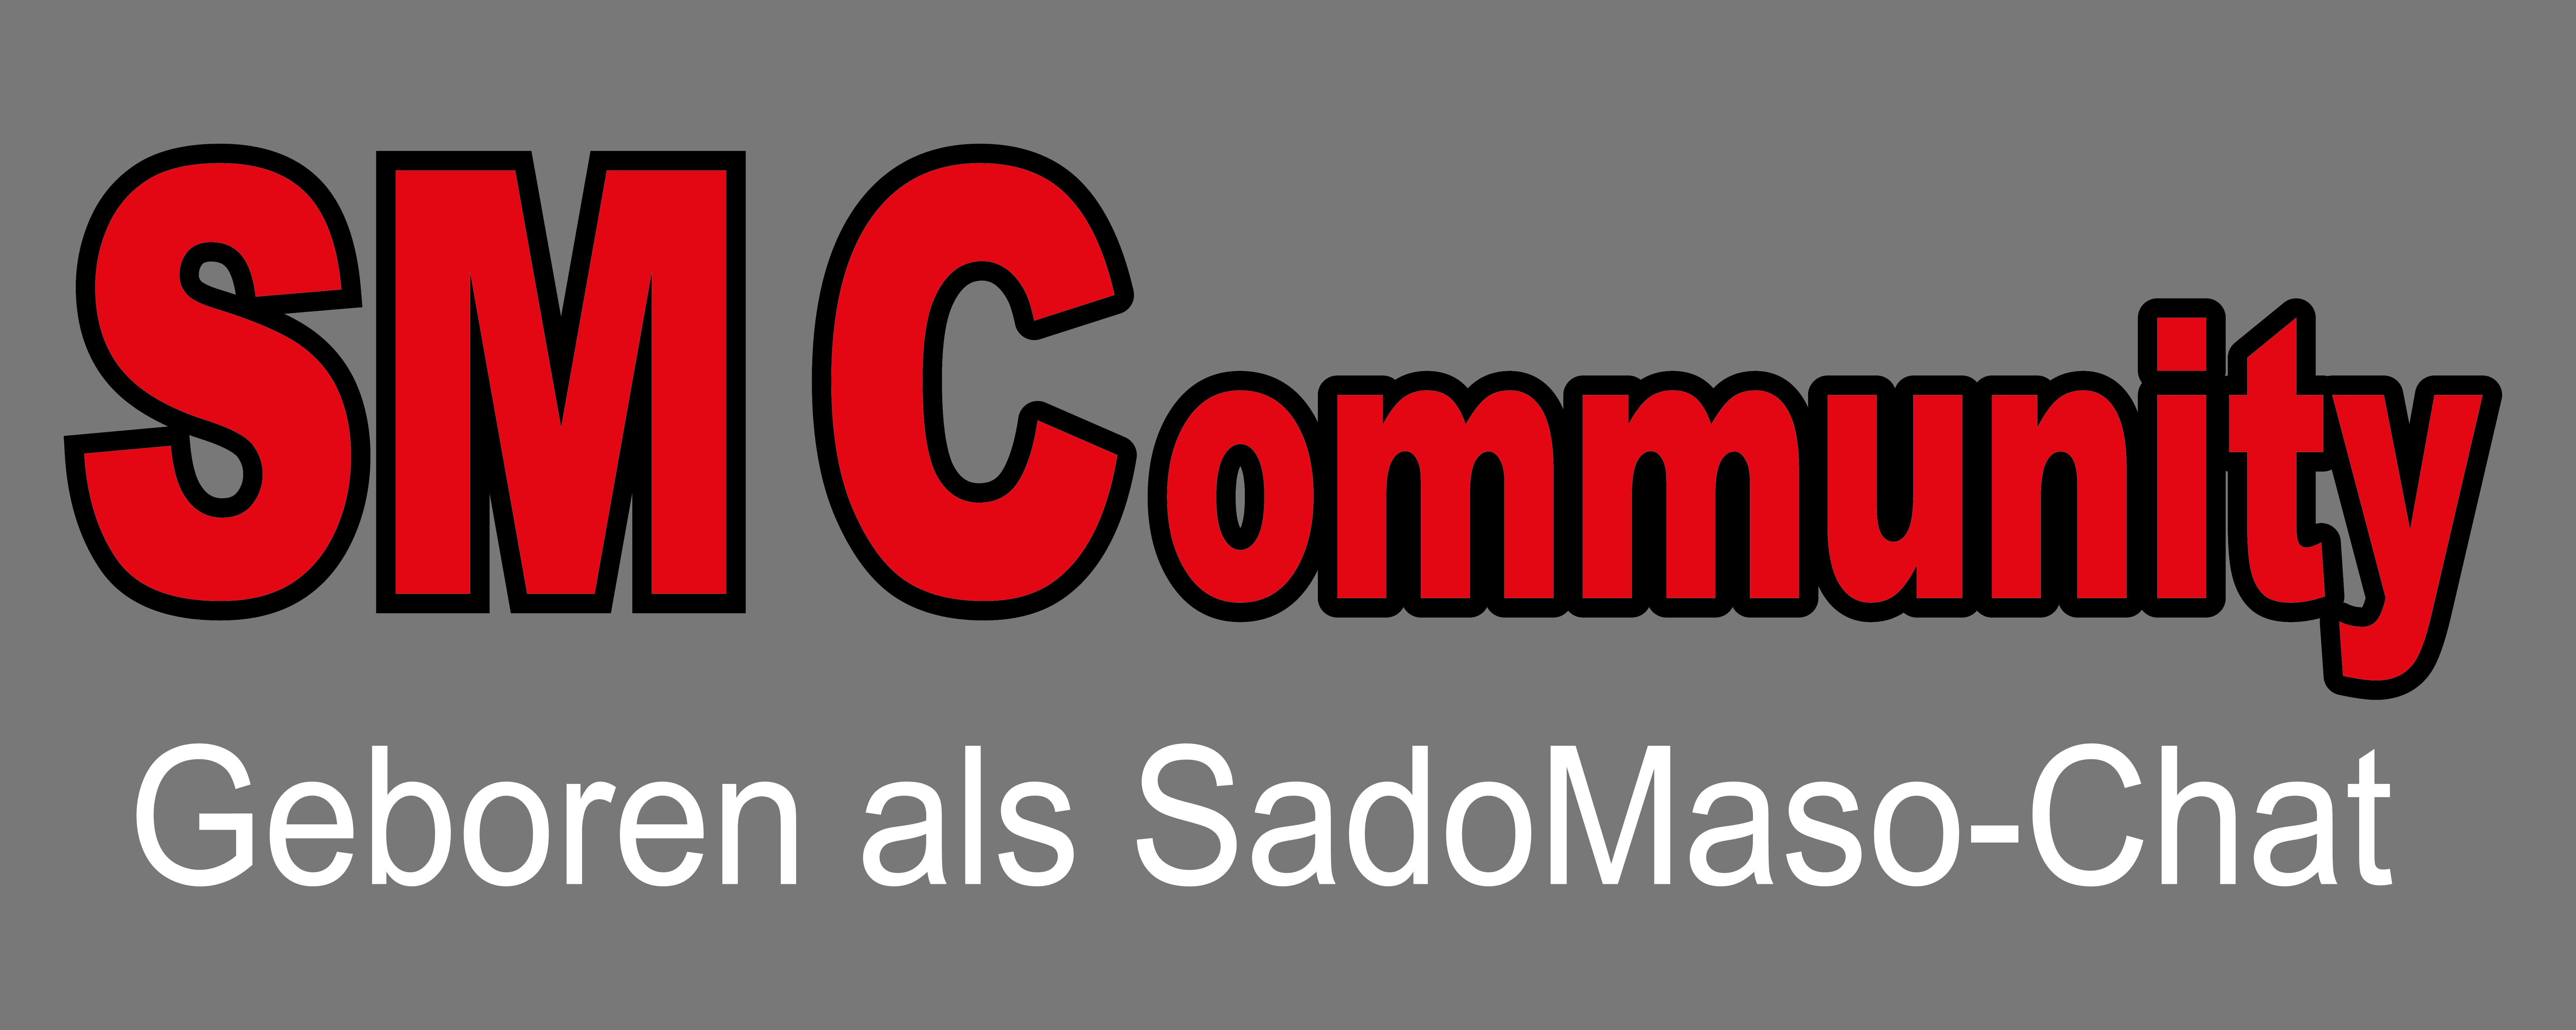 Sadomasochat Logo